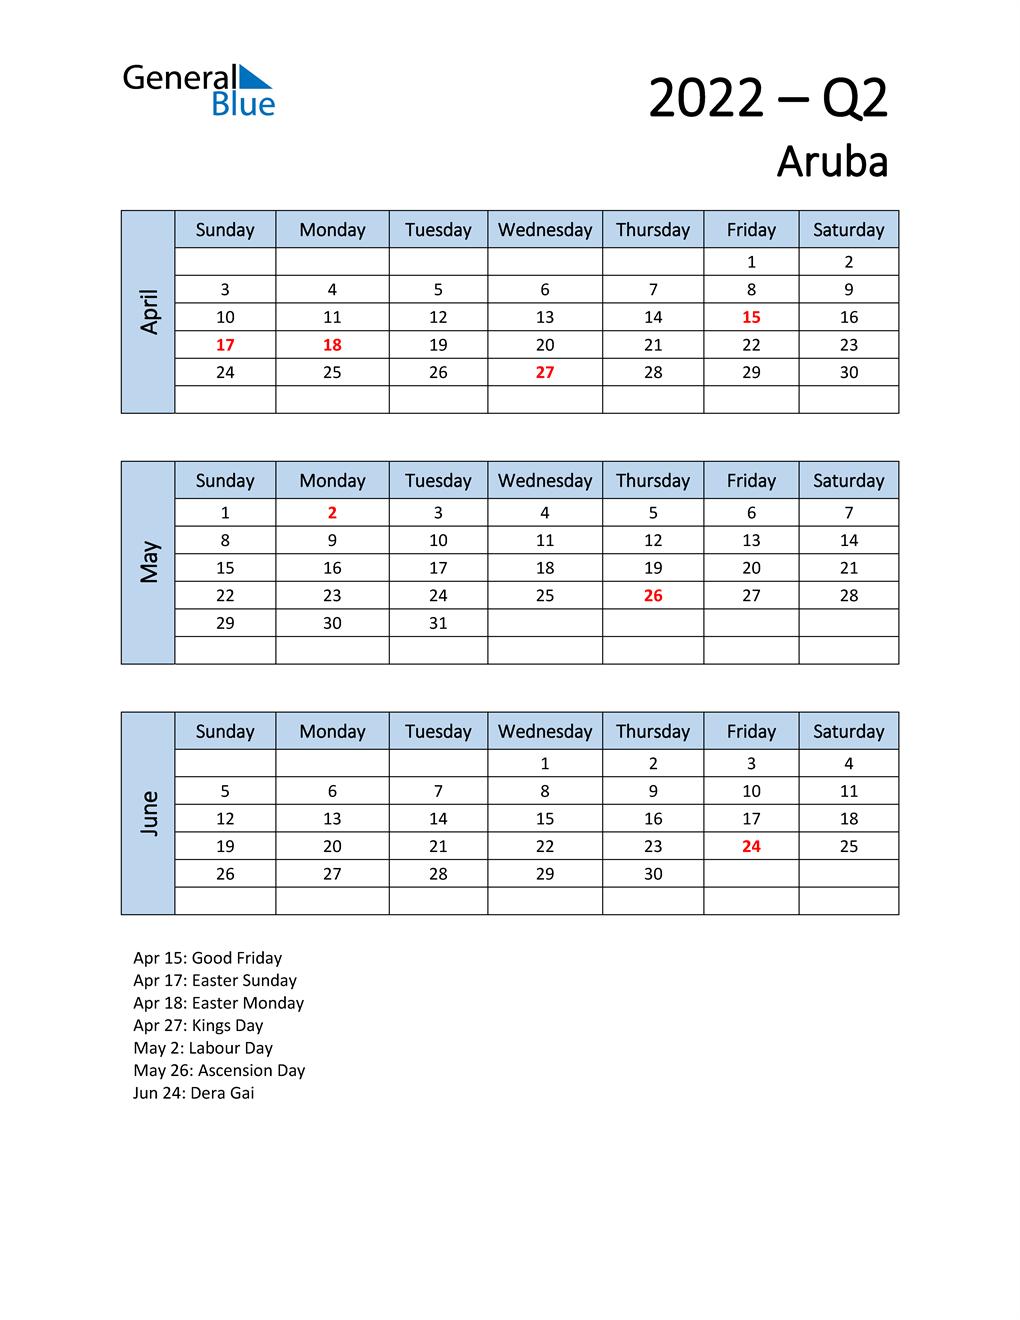 Free Q2 2022 Calendar for Aruba